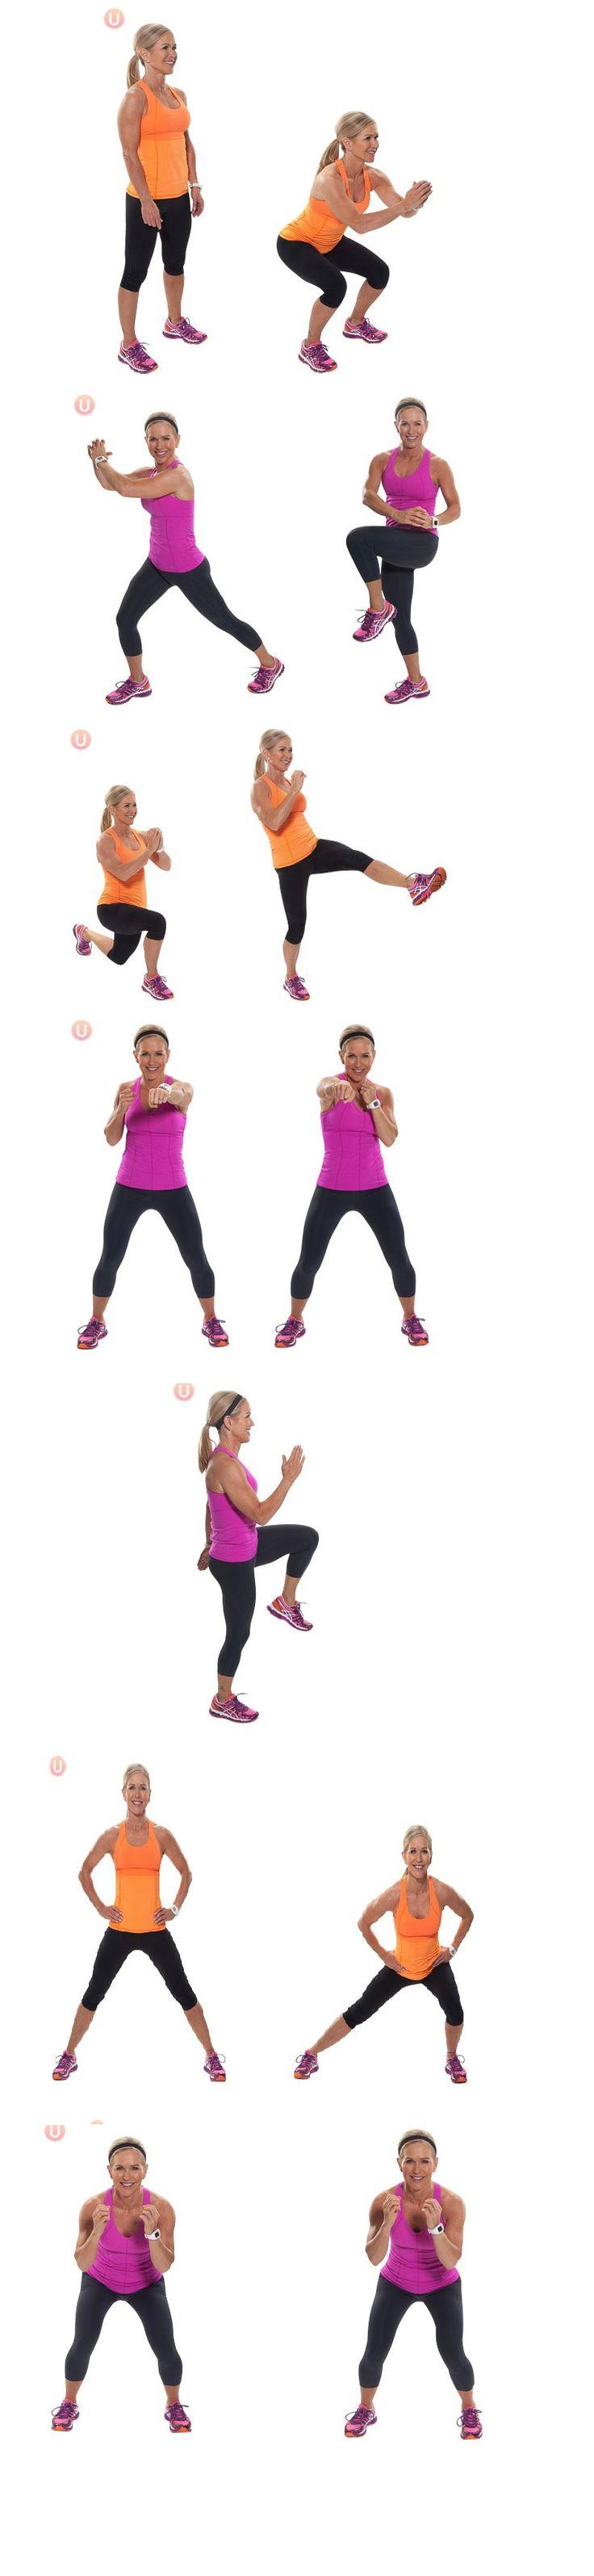 Terhesség utáni erősítő edzés - postpartum fitness workout fit mom - (kép forrása: Forrás :gethealthyu.com)